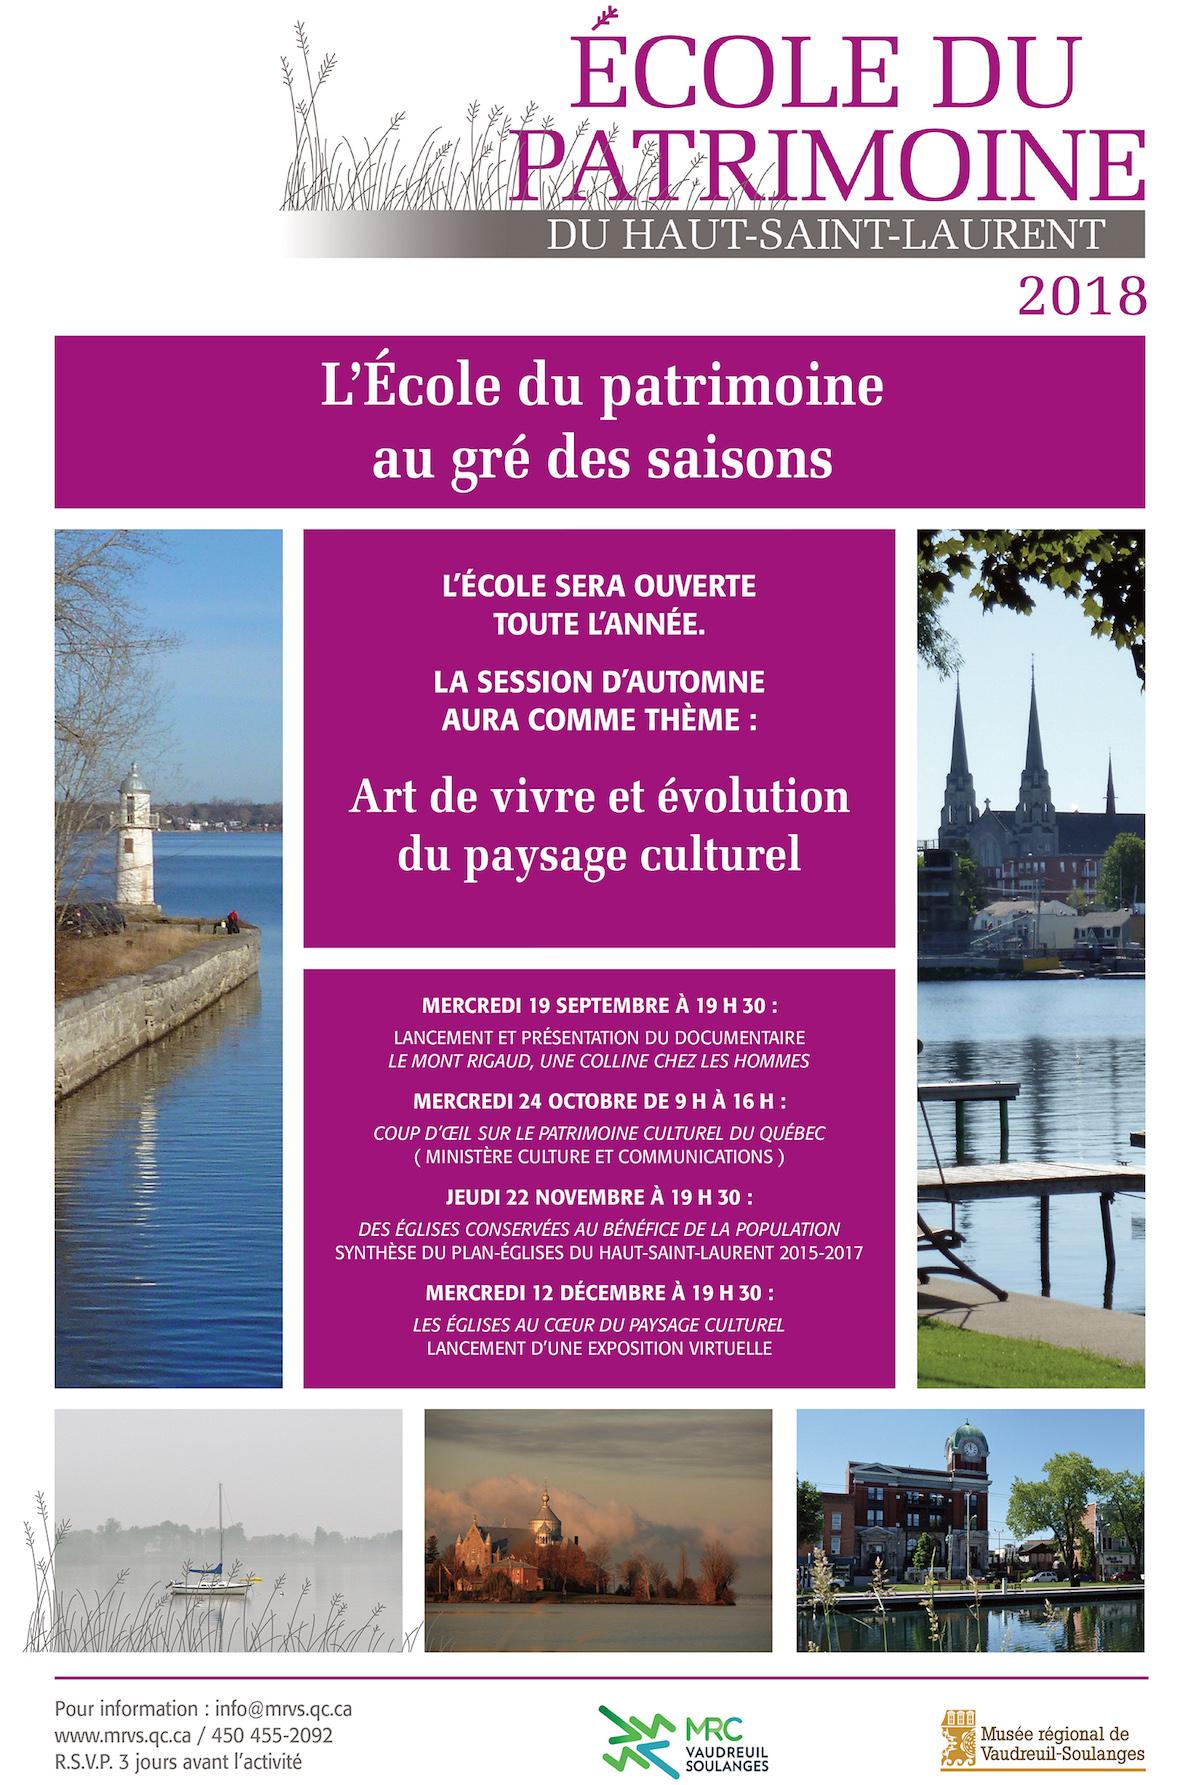 ecole-patrimoine-HSL-programmation-automne-2018-affiche-visuel-courtoisie-MRVS